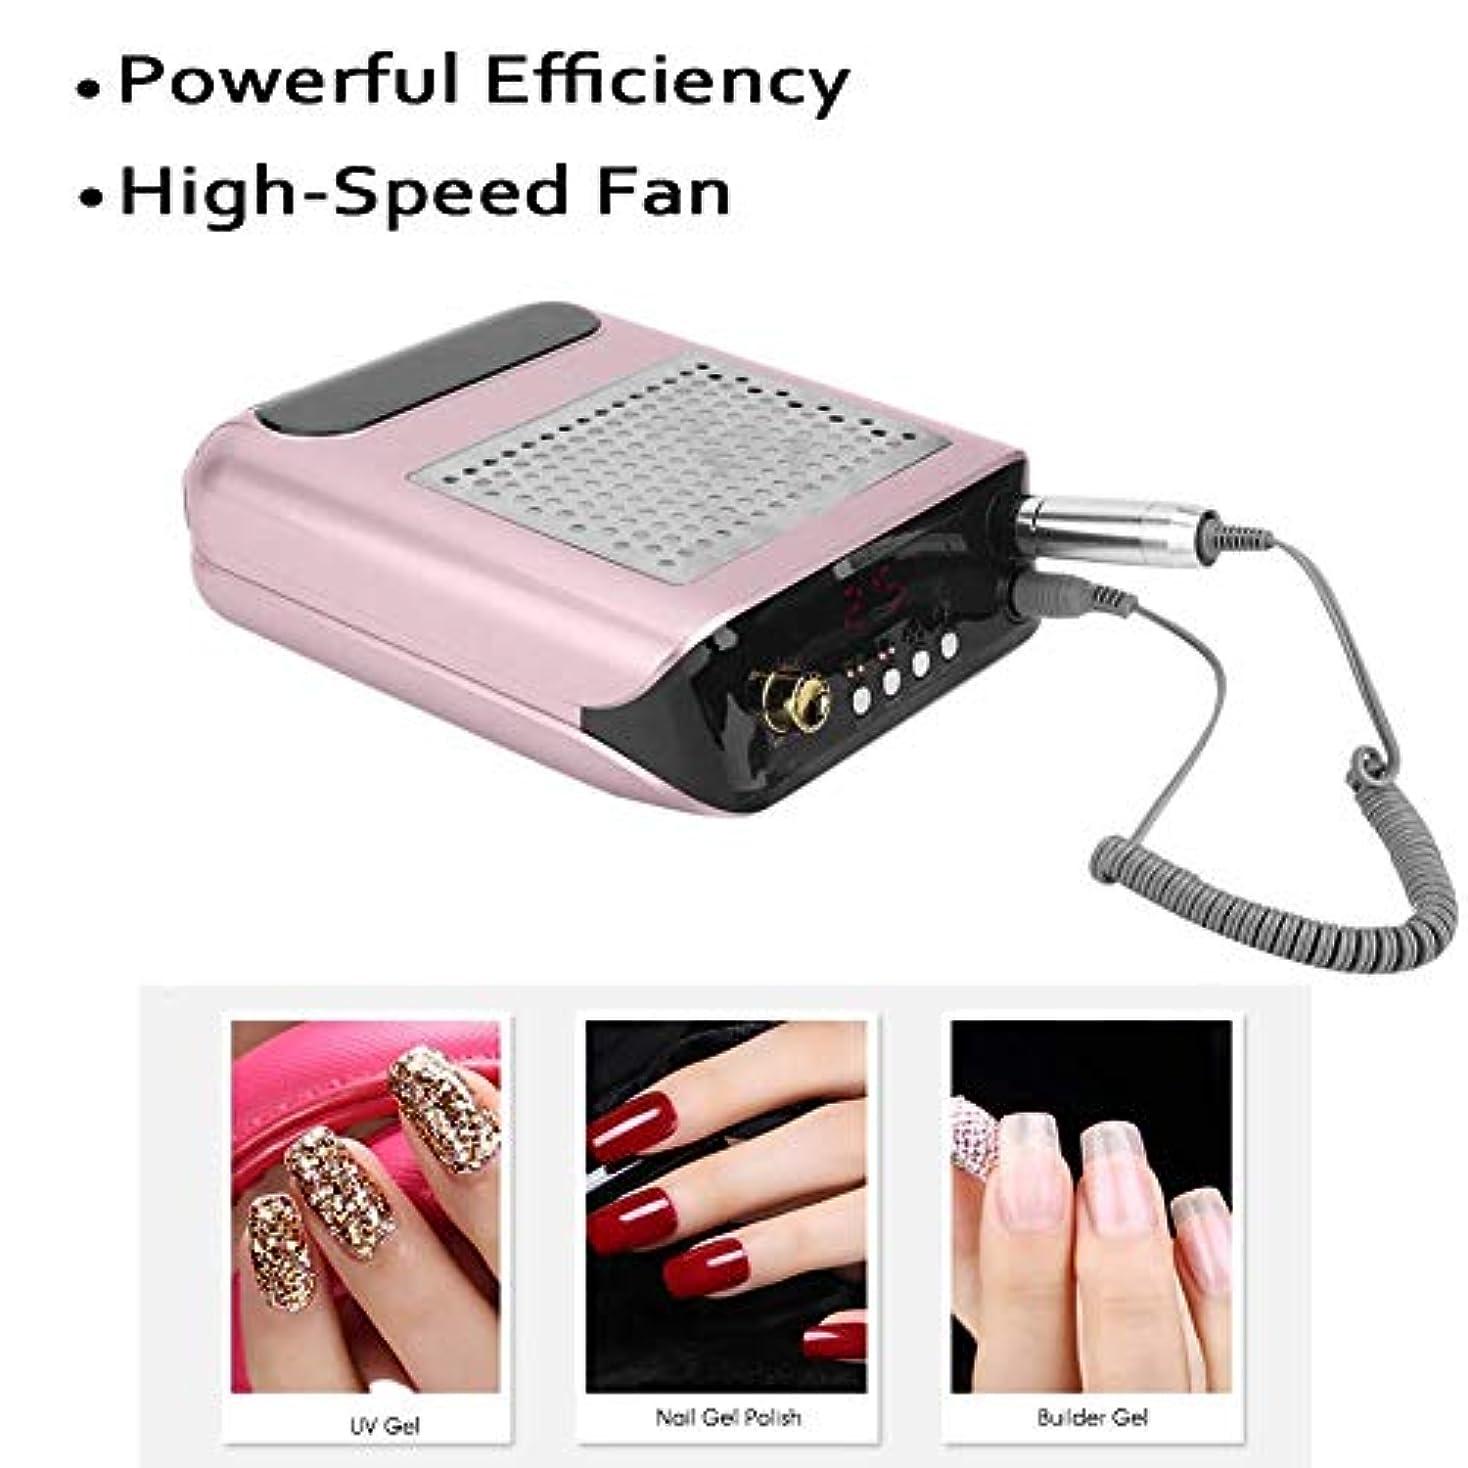 反響するわずかに接続詞研磨機、電気ネイルドリル、ネイル集塵機、指足の爪のケアのためのネイル研磨システムを研削2 In1とネイル